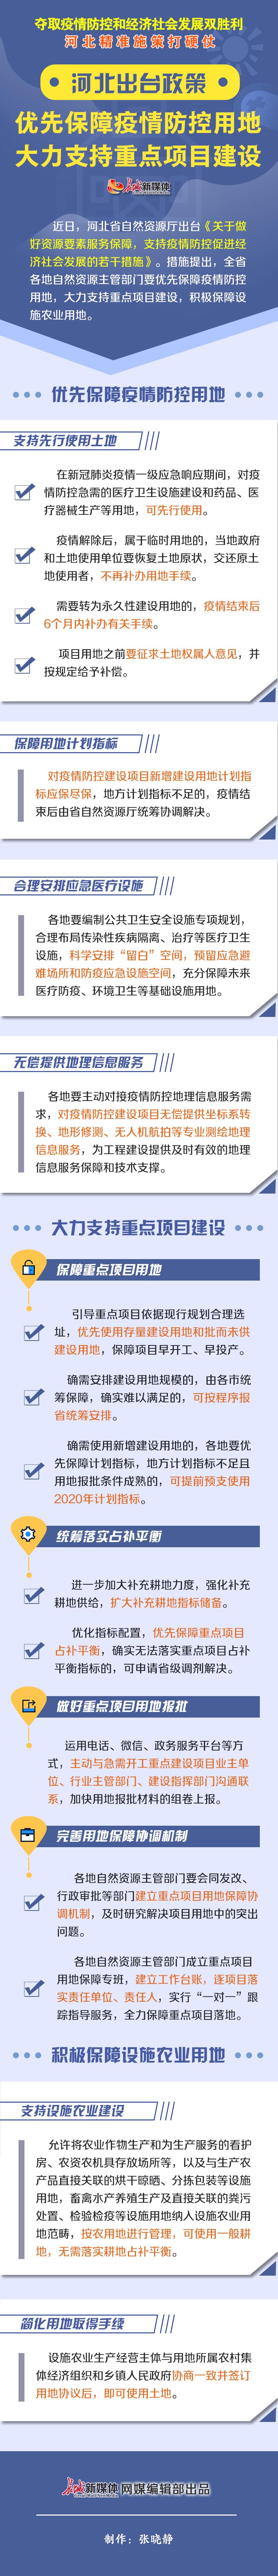 河北出台政策:优先保障疫情防控用地大力支持重点